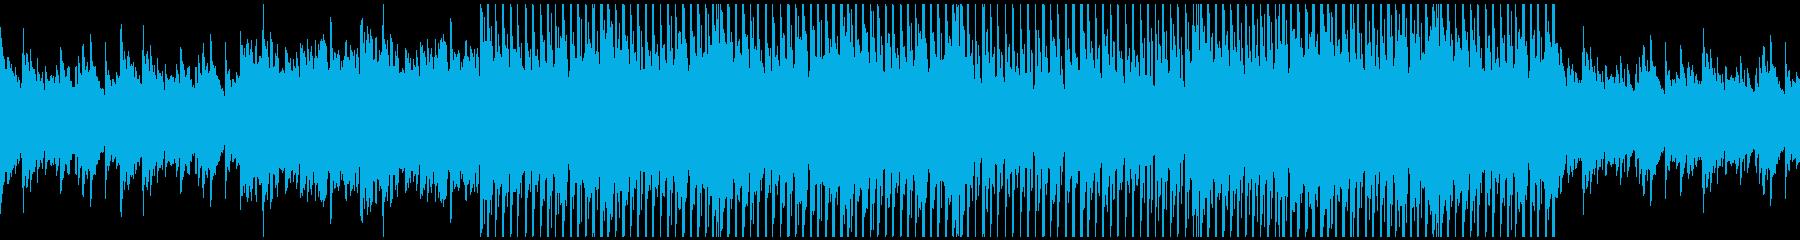 ピアノから始まるポップなクリスマスBGMの再生済みの波形